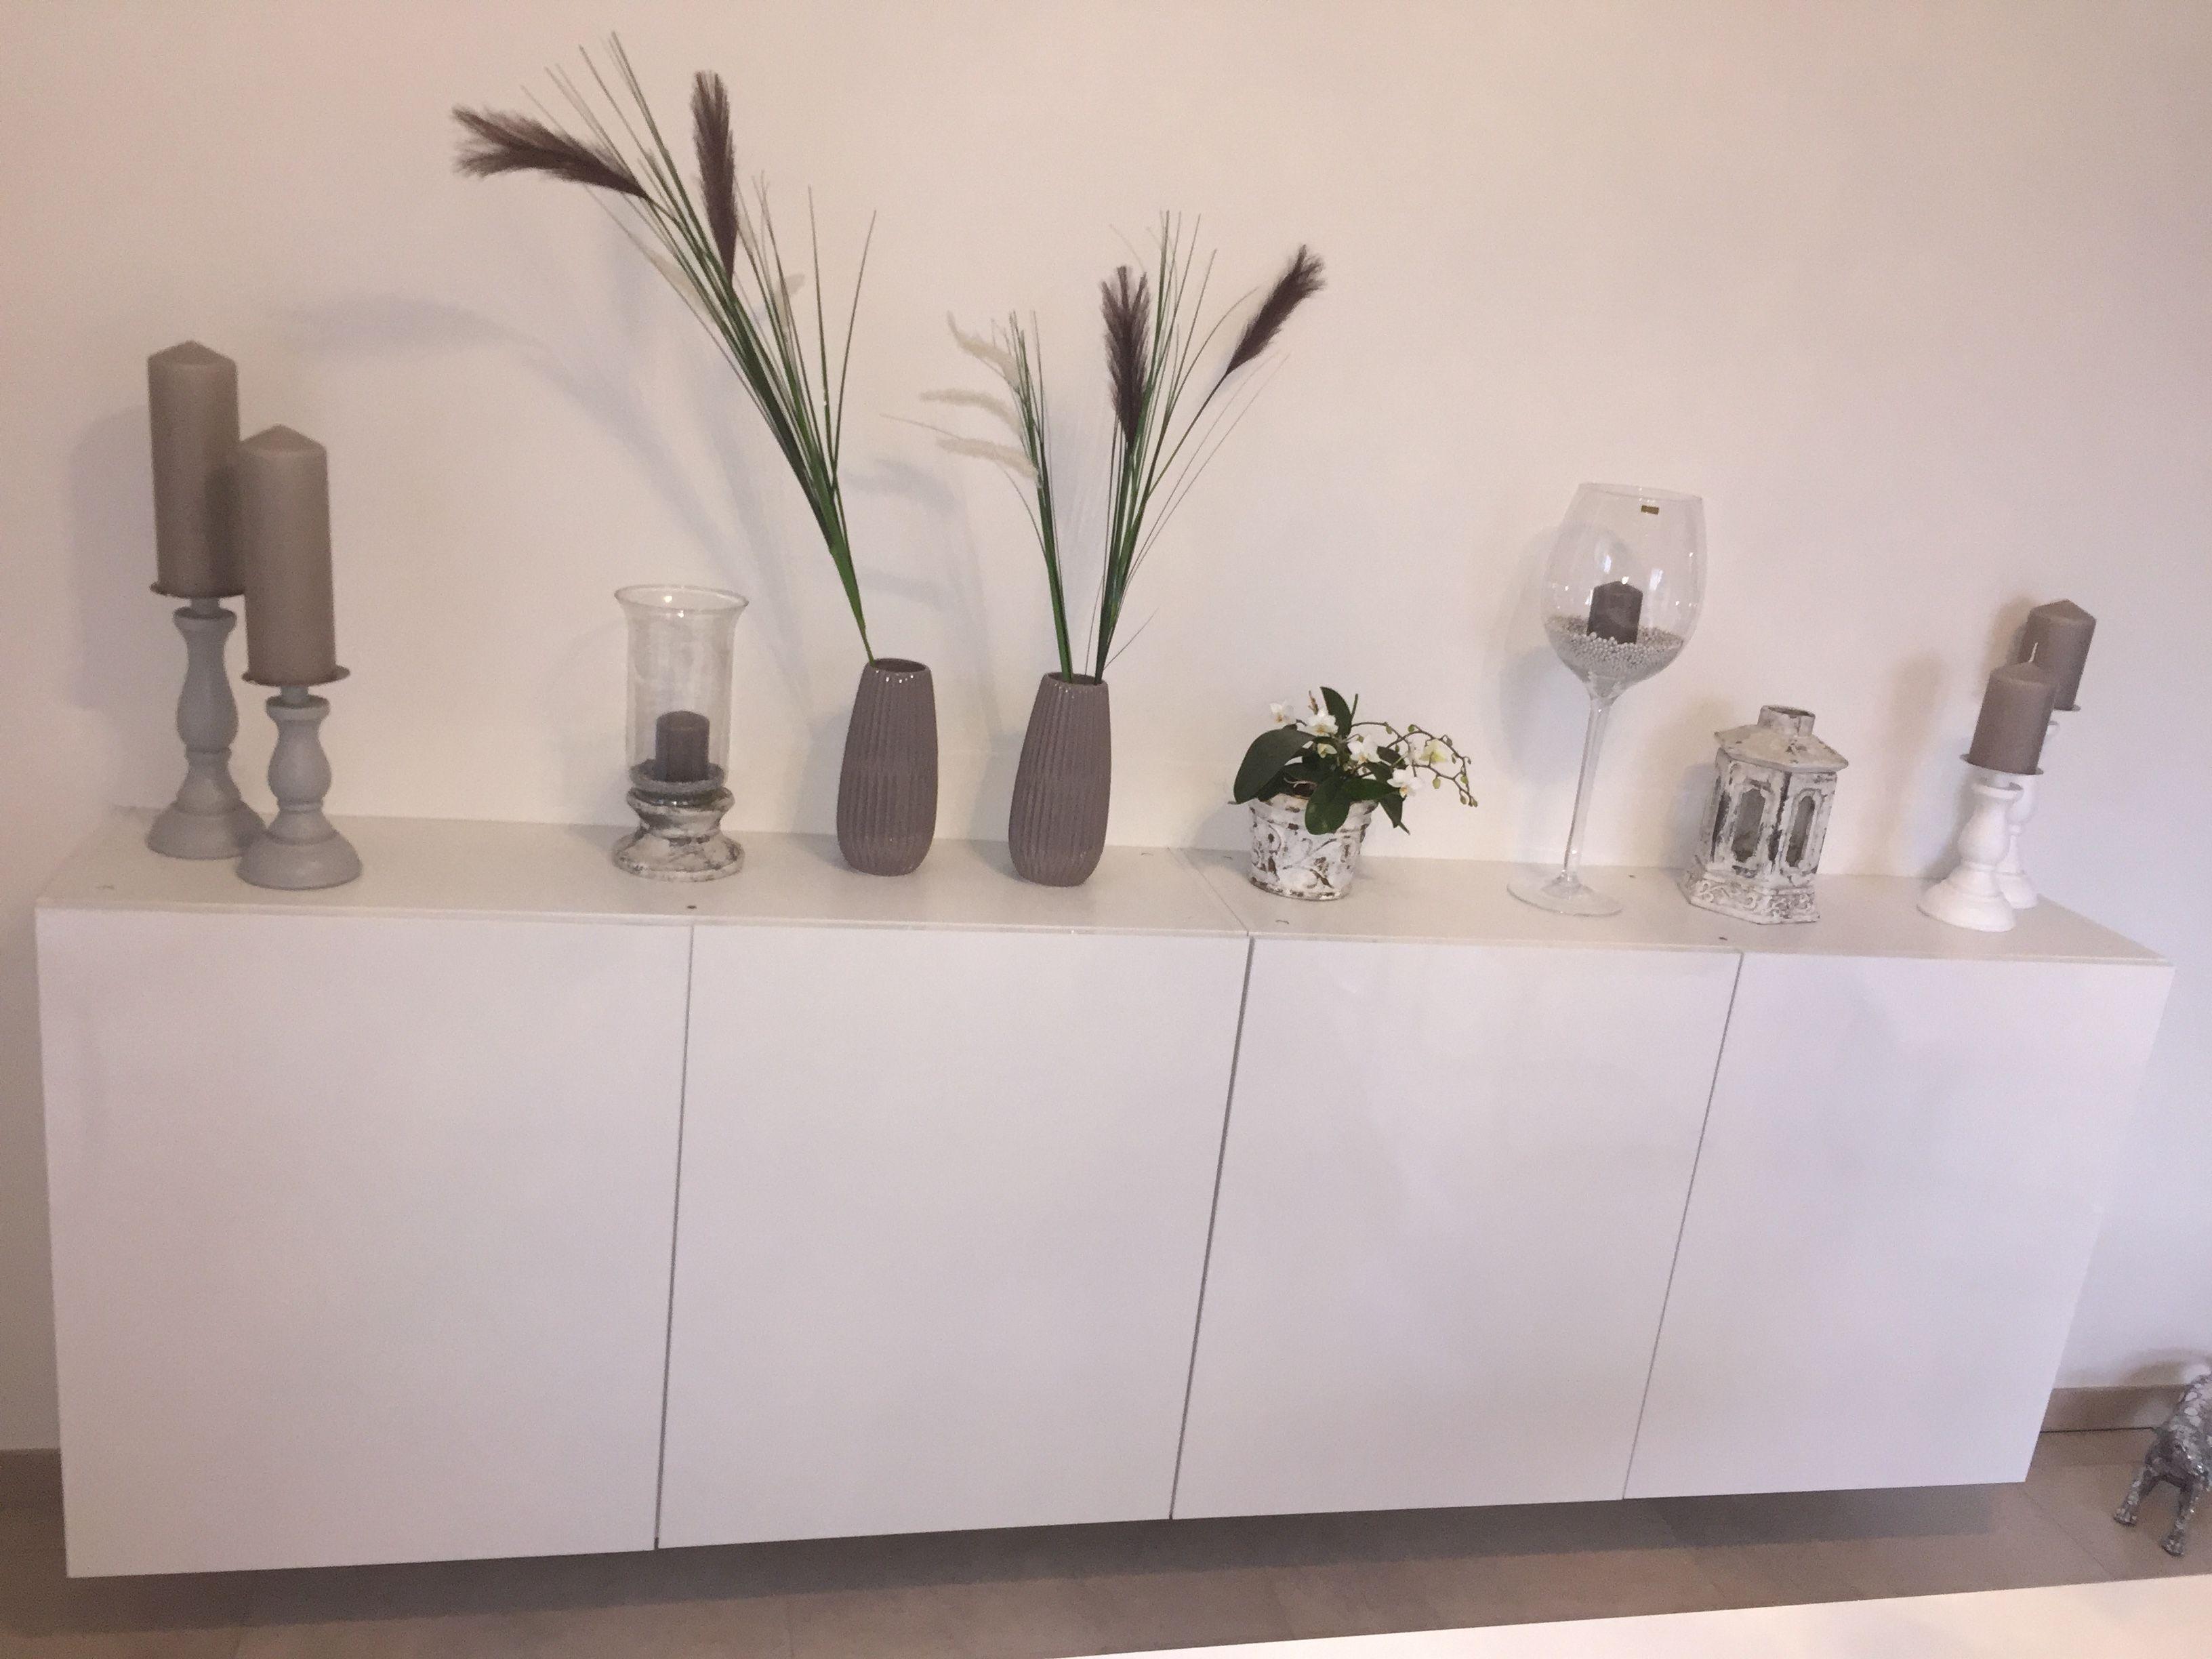 Pin Von Gizem Auf Denenecek Projeler Ikea Wohnung Wohnzimmer